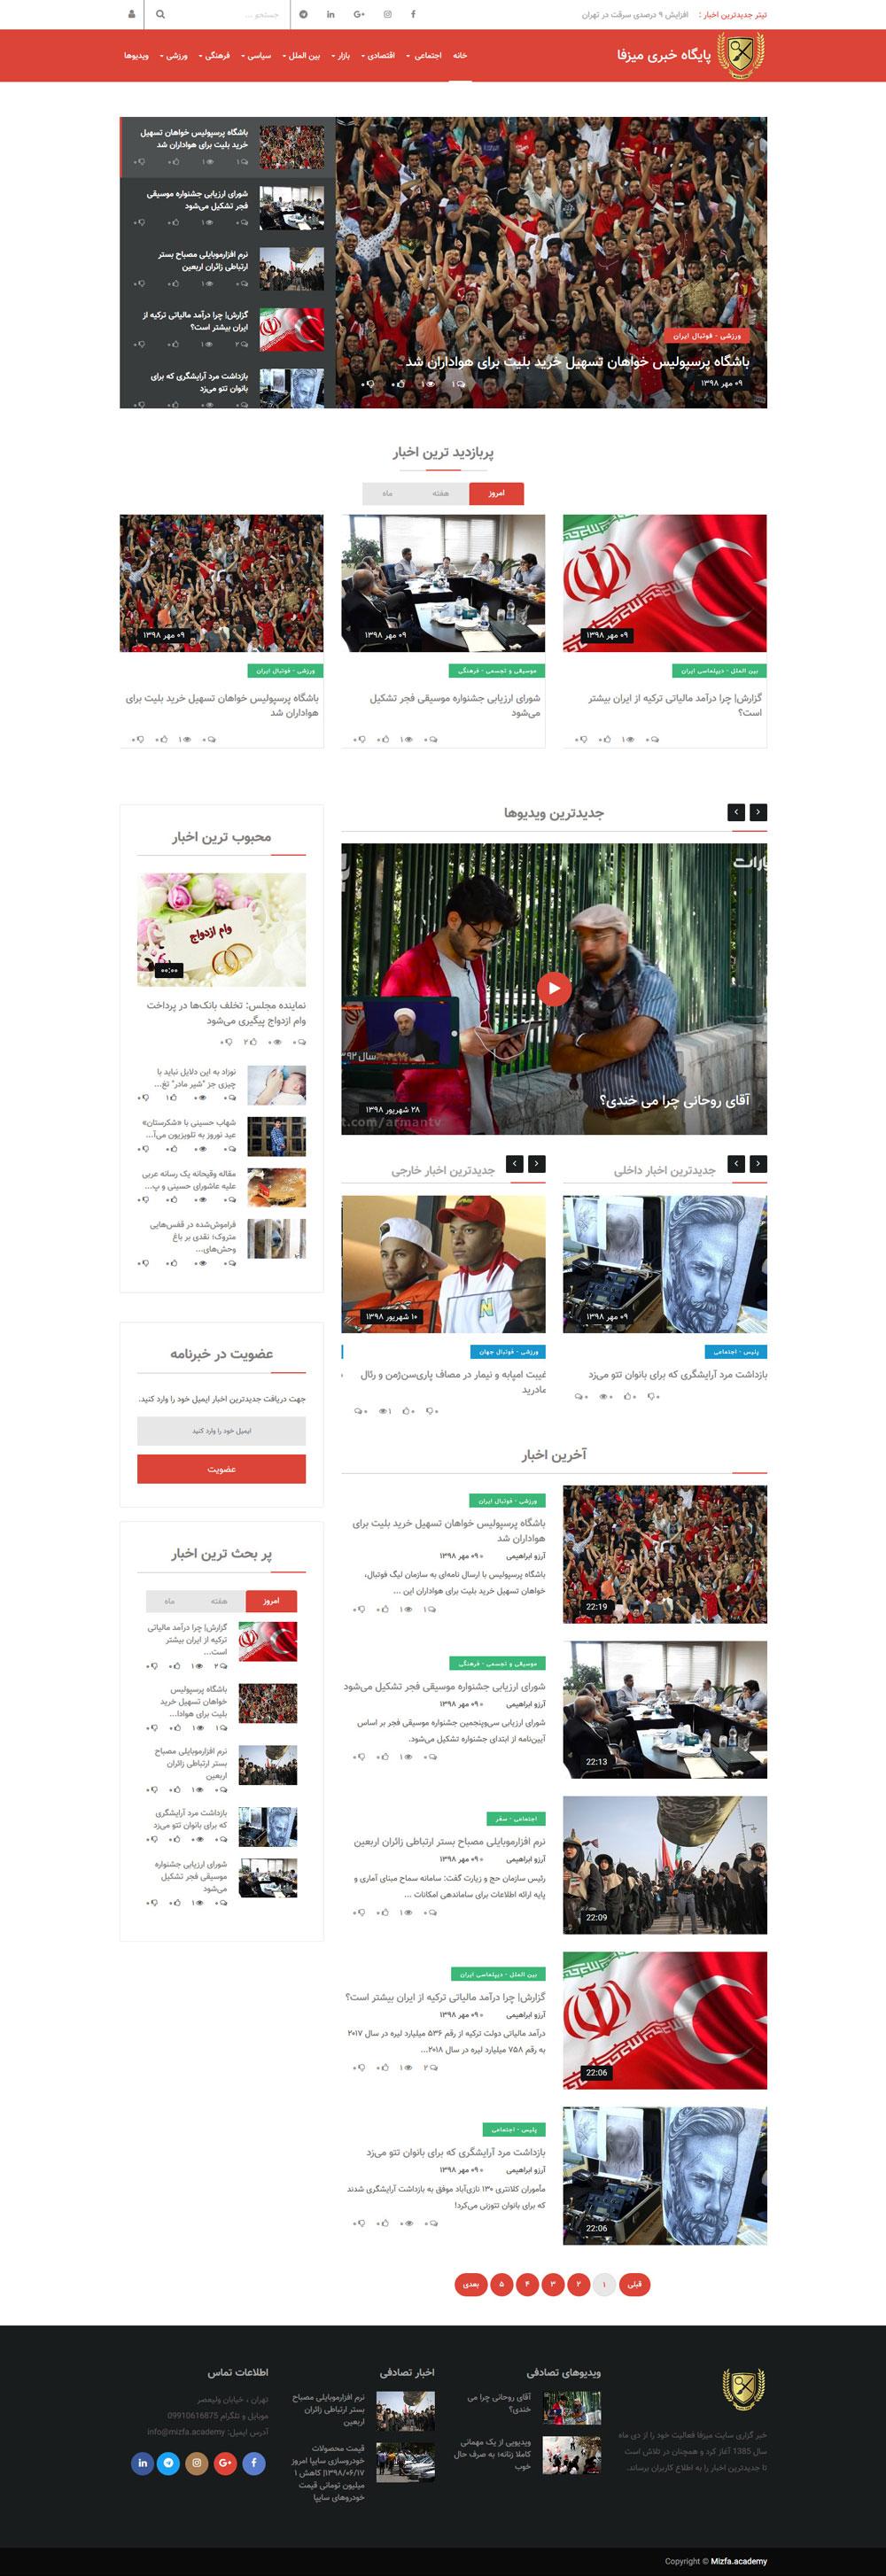 آموزش طراحی سایت خبری با asp net